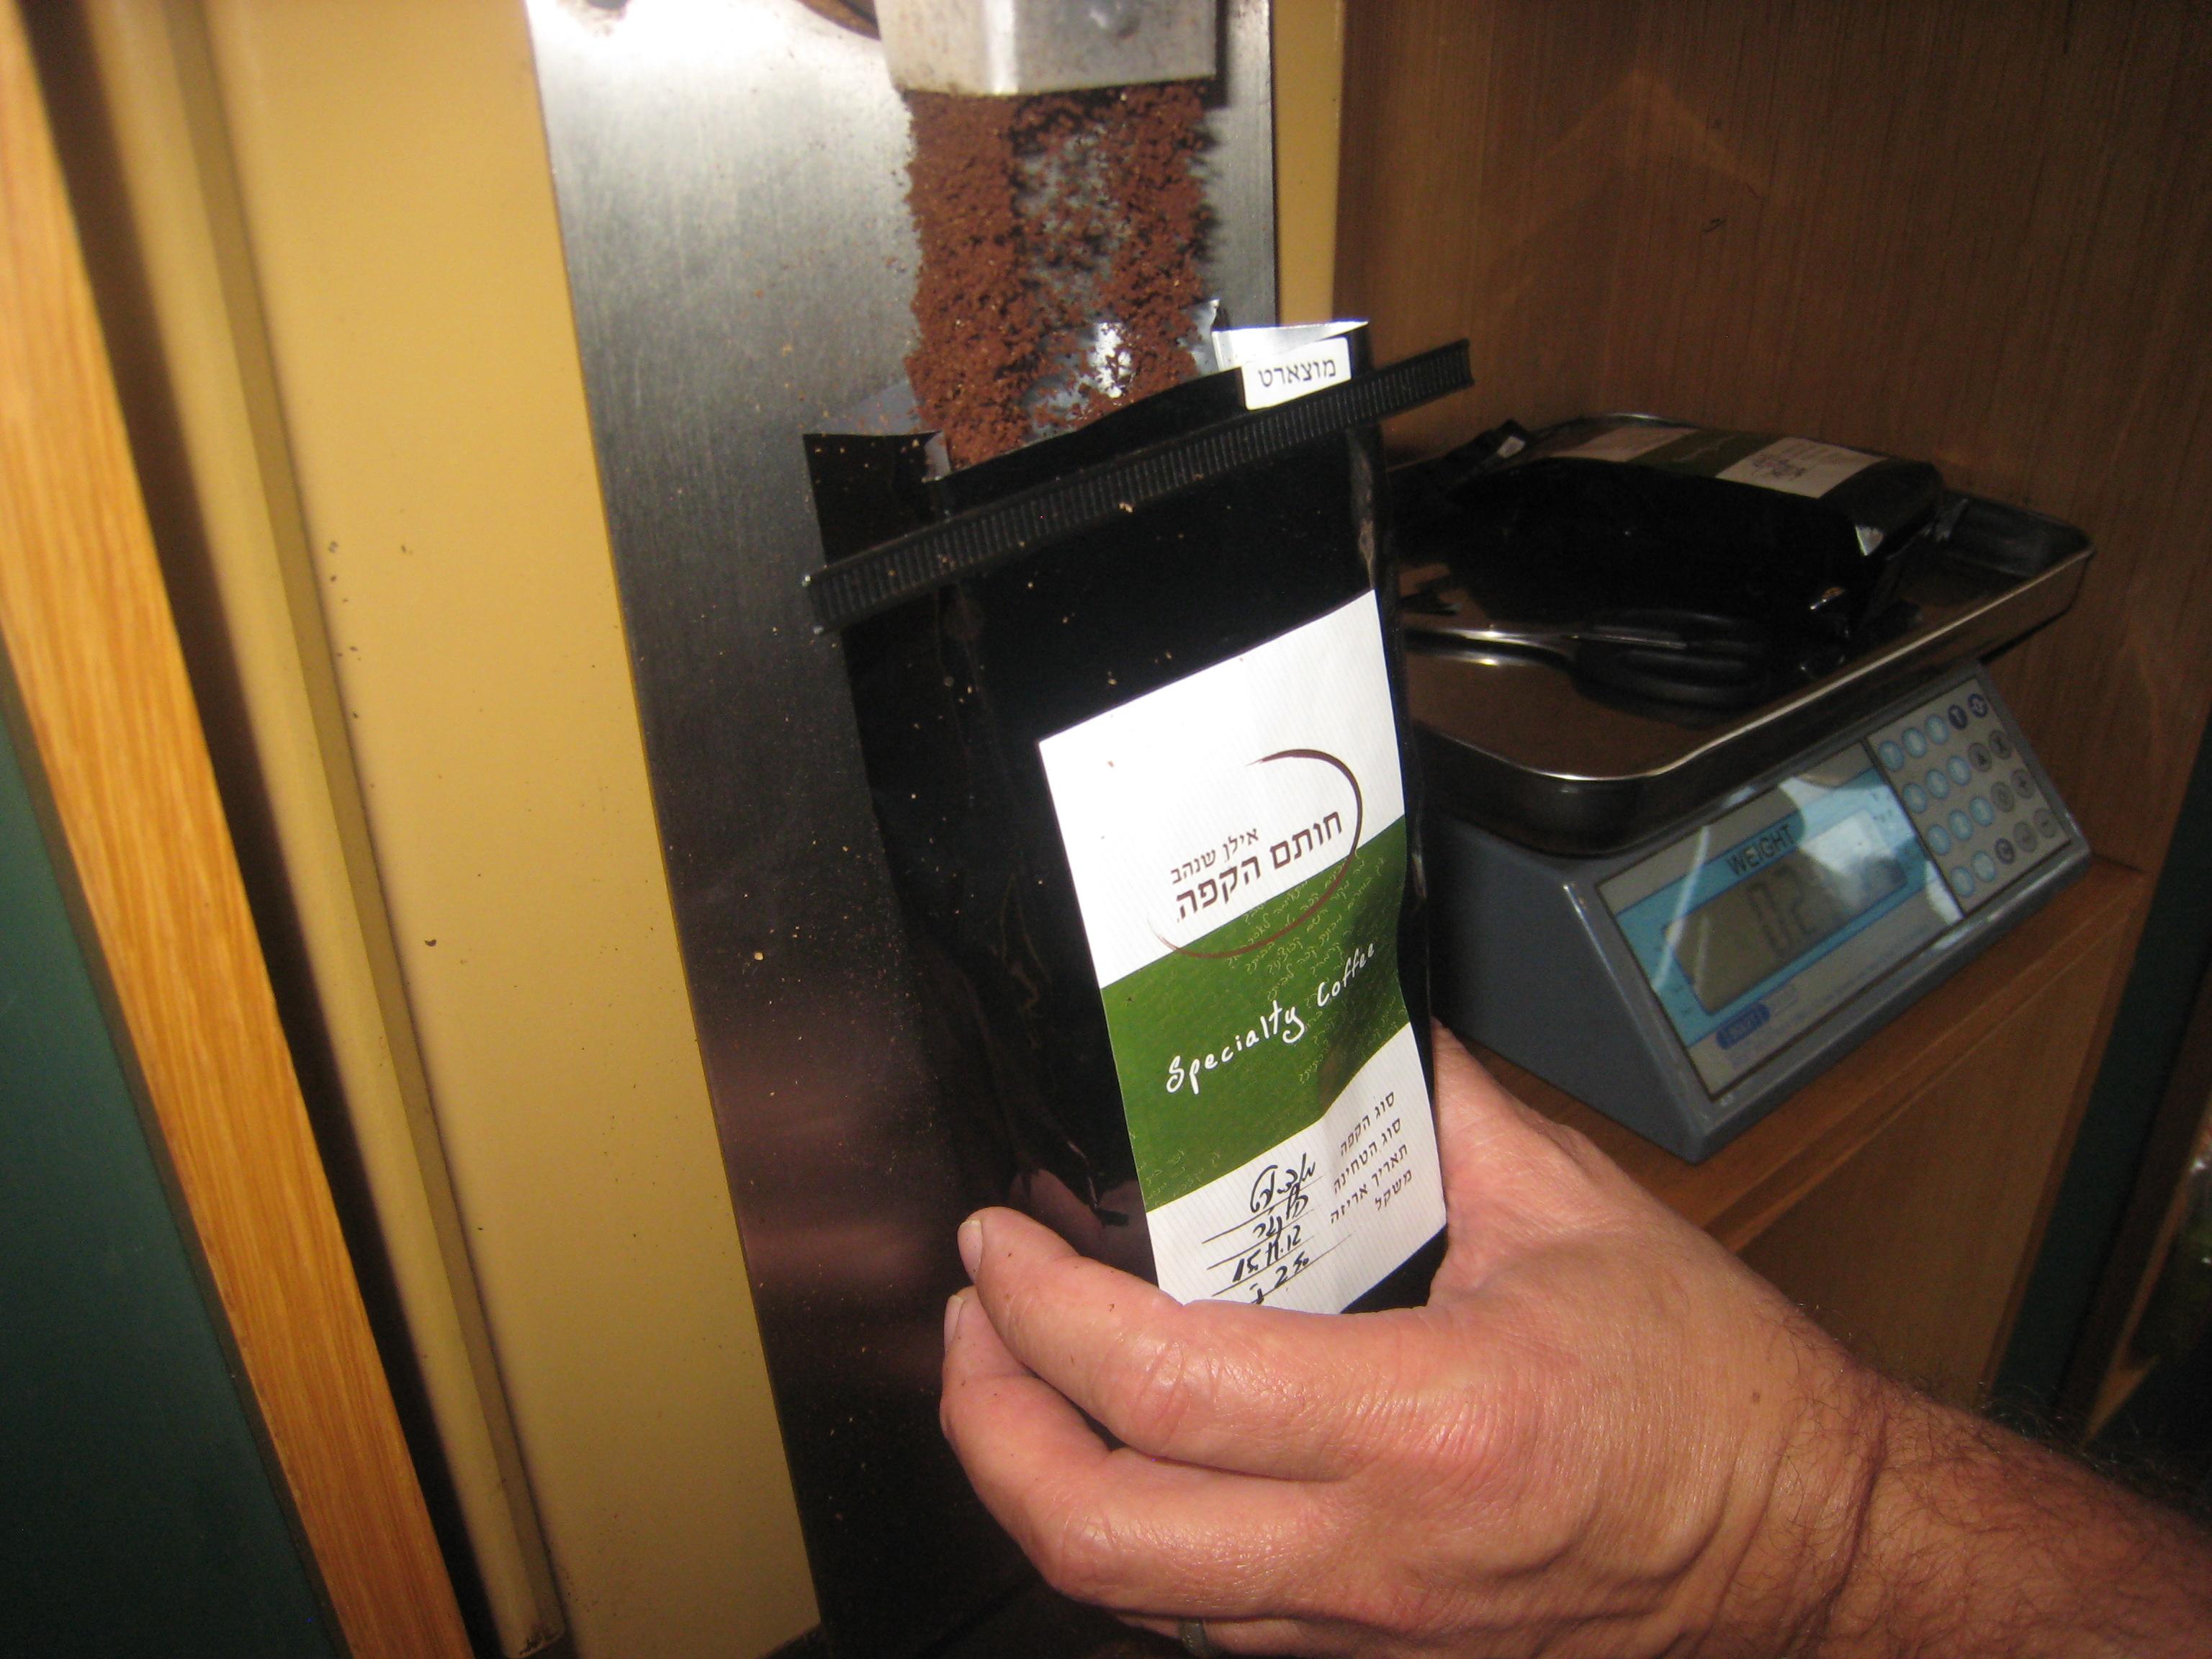 טוחנים קפה טרי